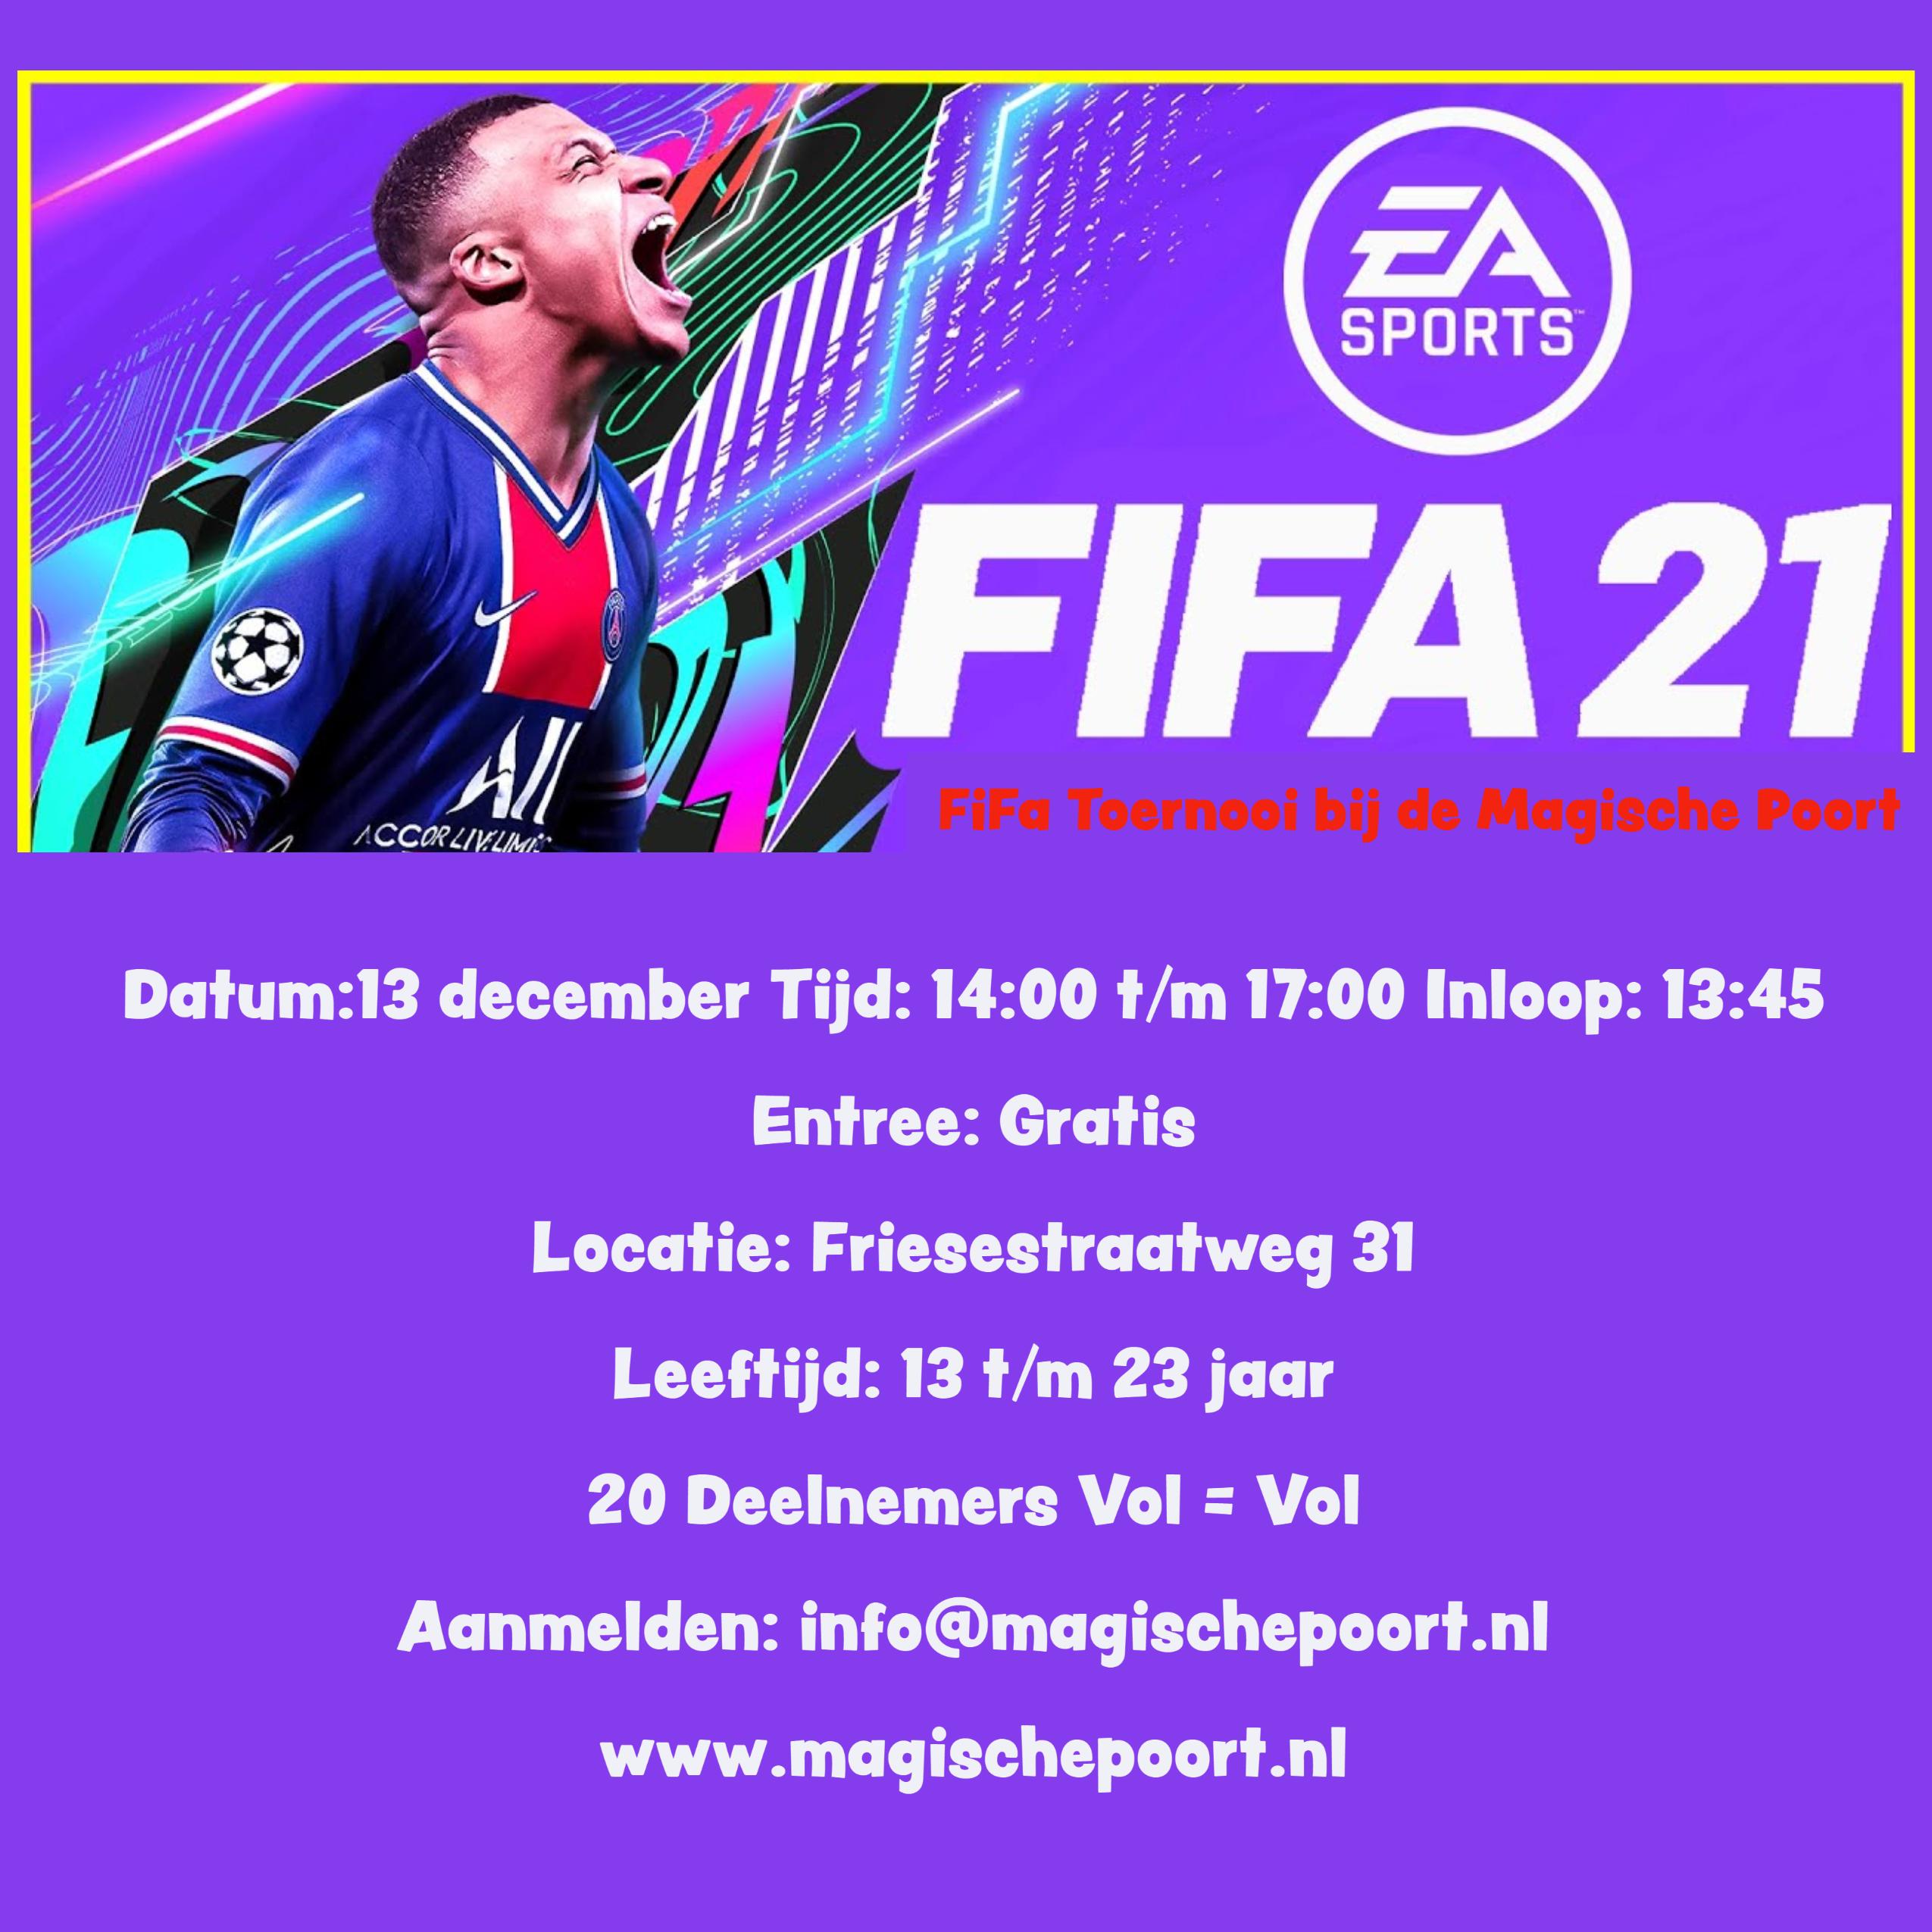 FIFA Toernooi voor jongeren bij de Magische Poort